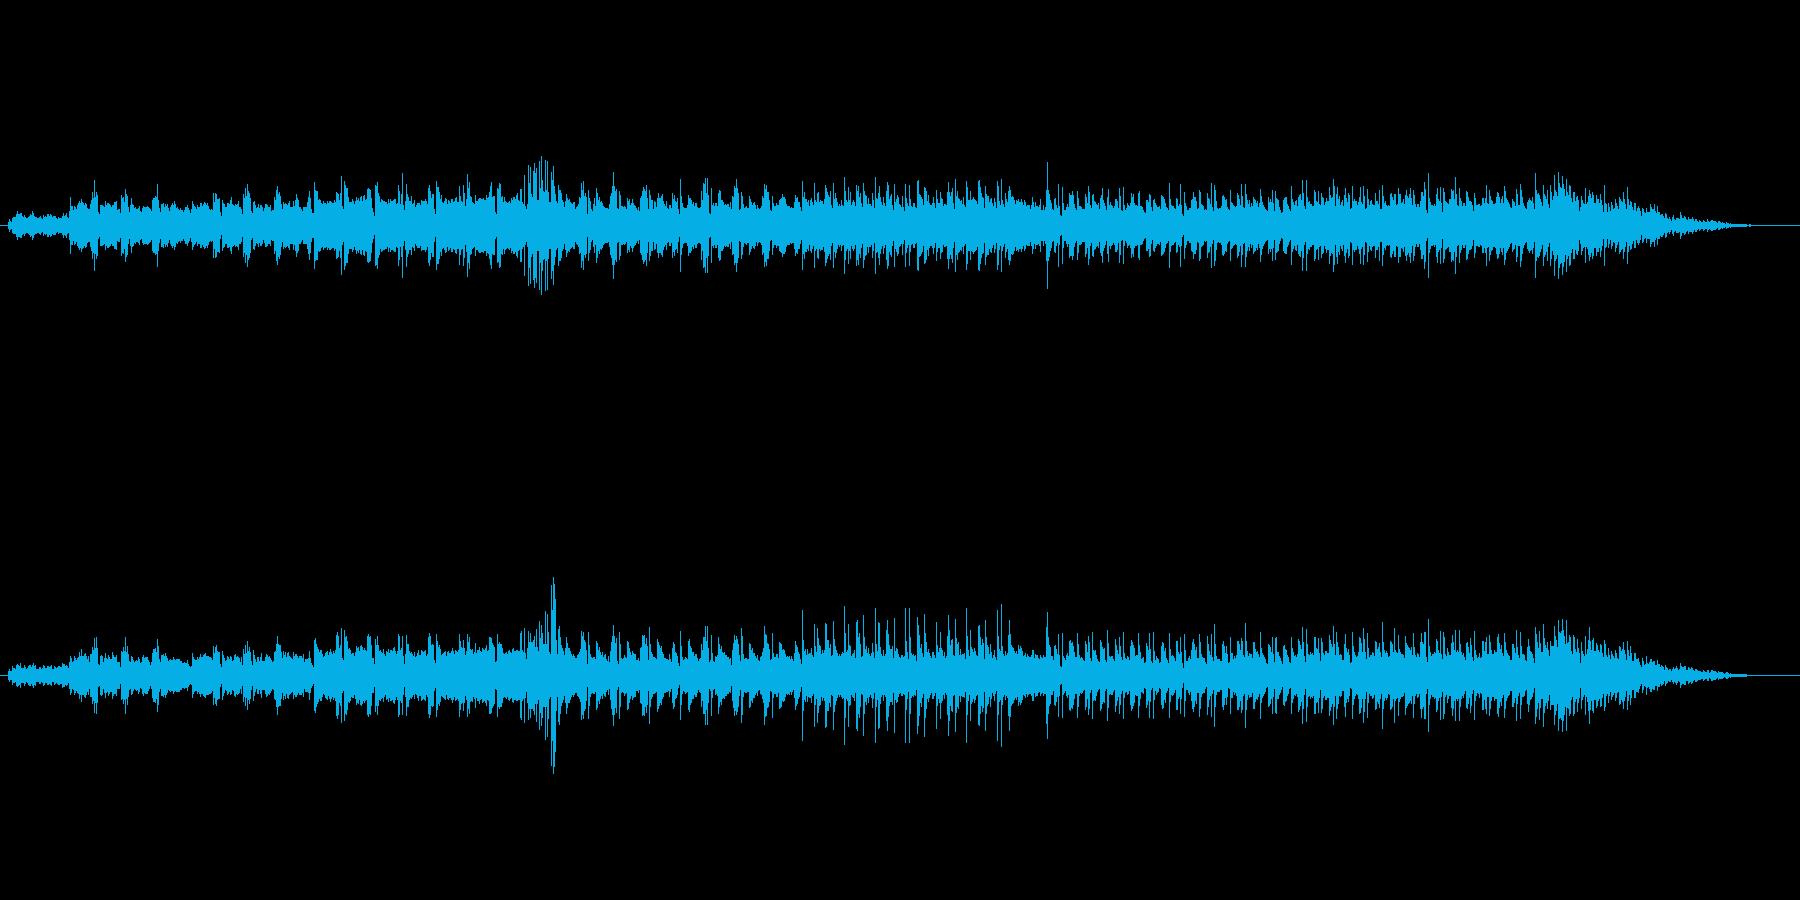 マイナー調ミディアム・バラード(雨音)の再生済みの波形